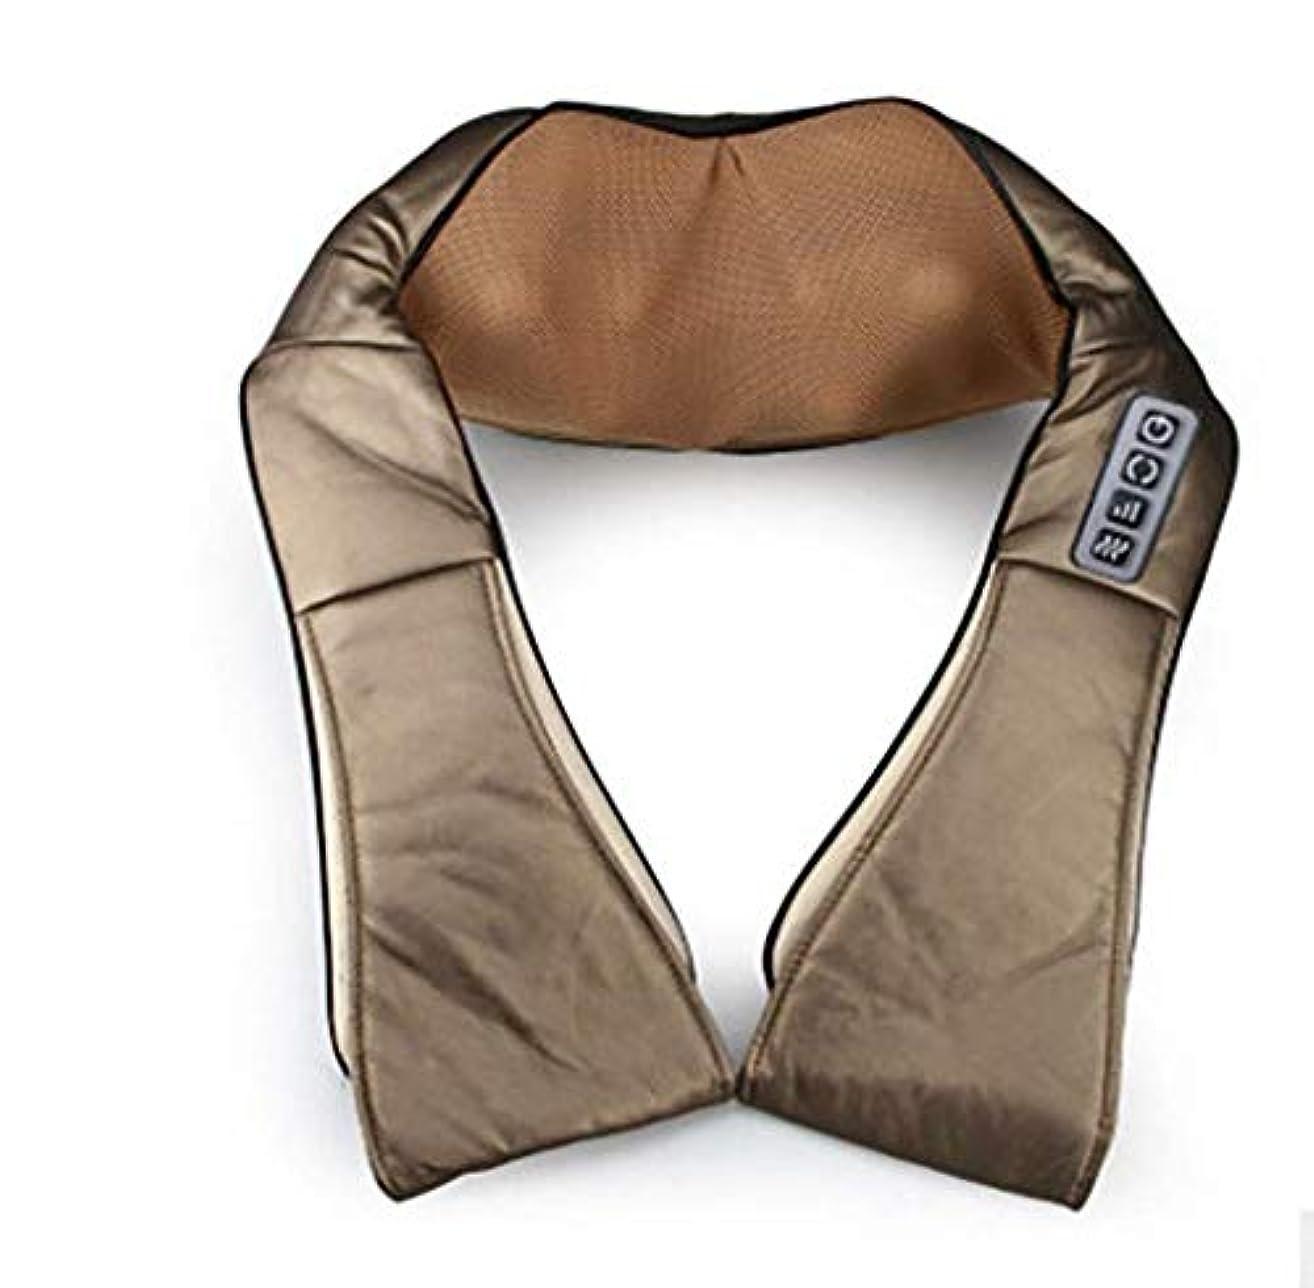 否定する機械的に石化するネックマッサージャー、子宮頸マッサージ、U字型/赤外線/スマート/ 4Dフィンガープレス/混練マッサージ、首の筋肉をリラックスには、痛みを和らげます (Color : Brown, Size : 4keys)